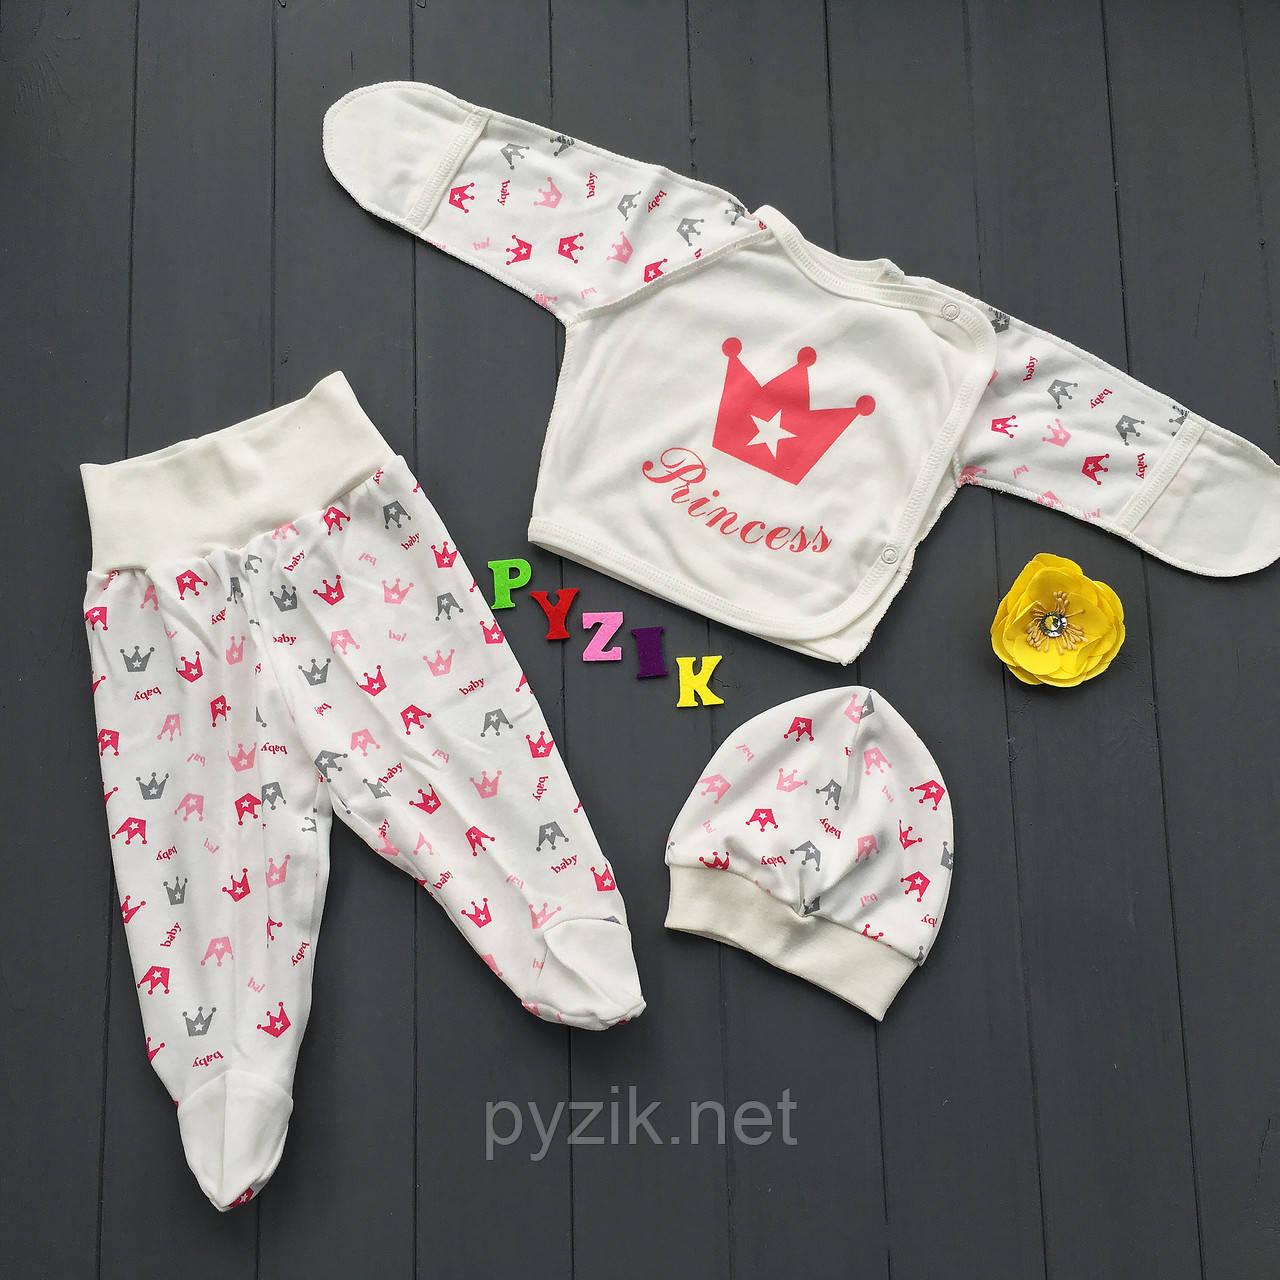 Комплект для новорожденного (распашонка+ползунки+шапочка) Princess 56 р